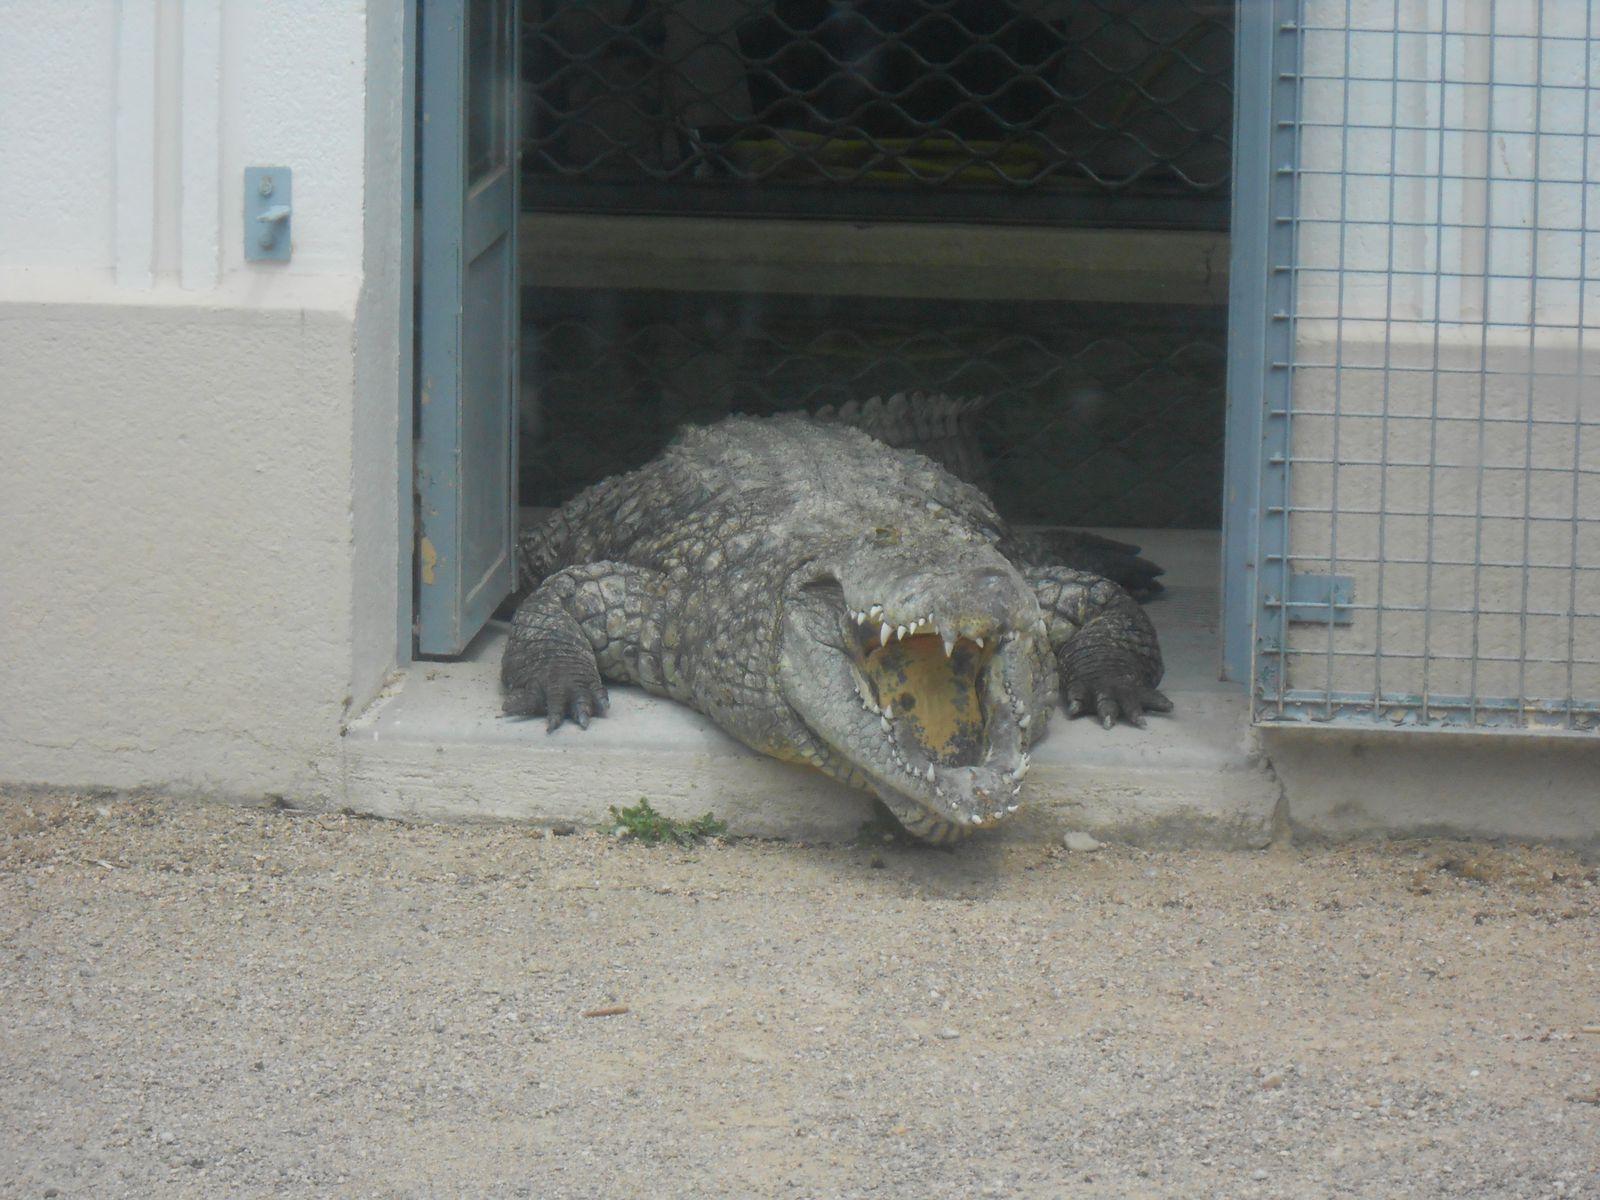 les crocodiles (Camille était folle de voir les crocodiles)